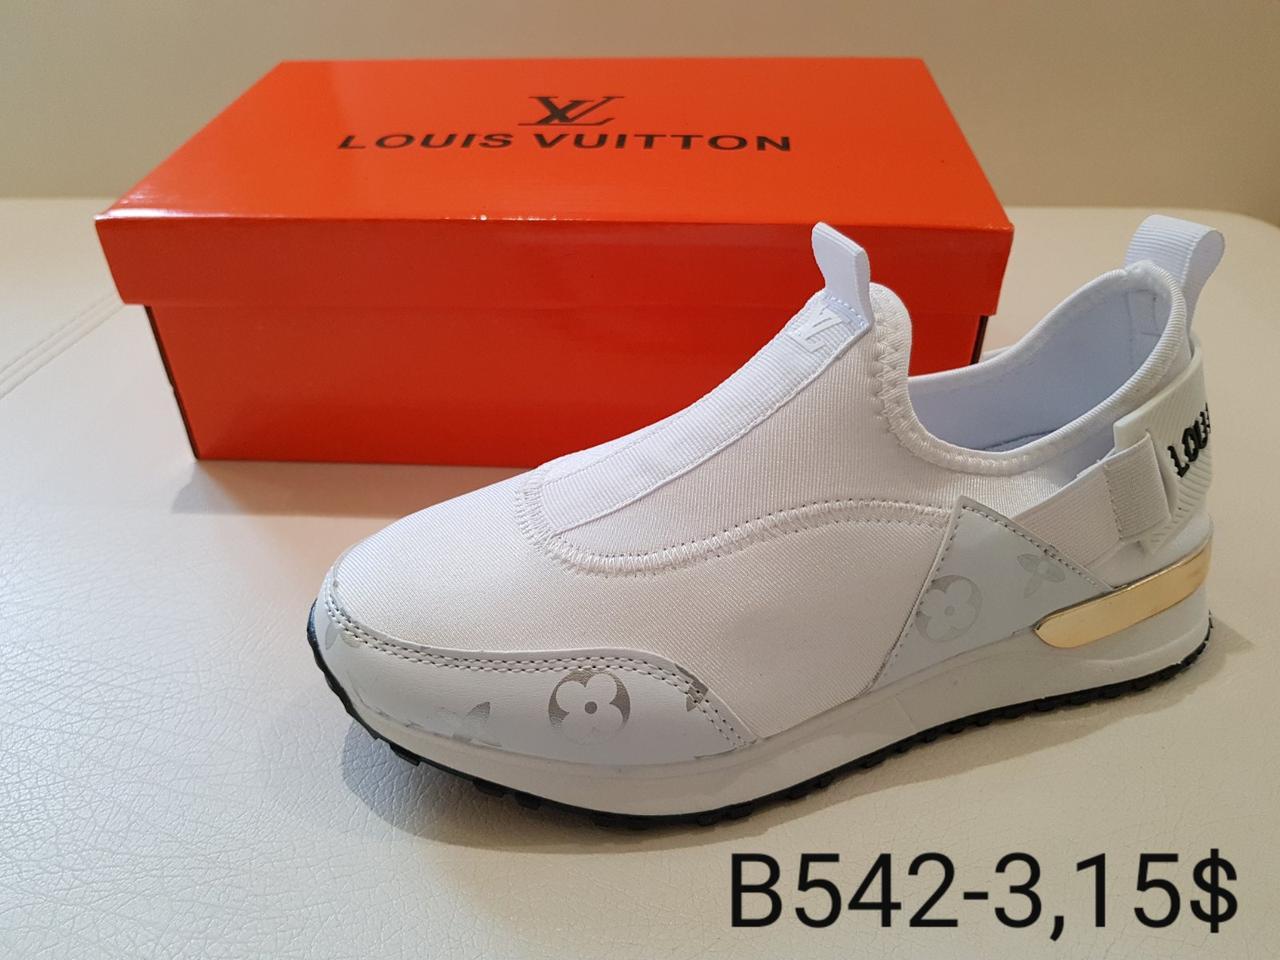 Женские кроссовки Louis Vuitton оптом (36-41)